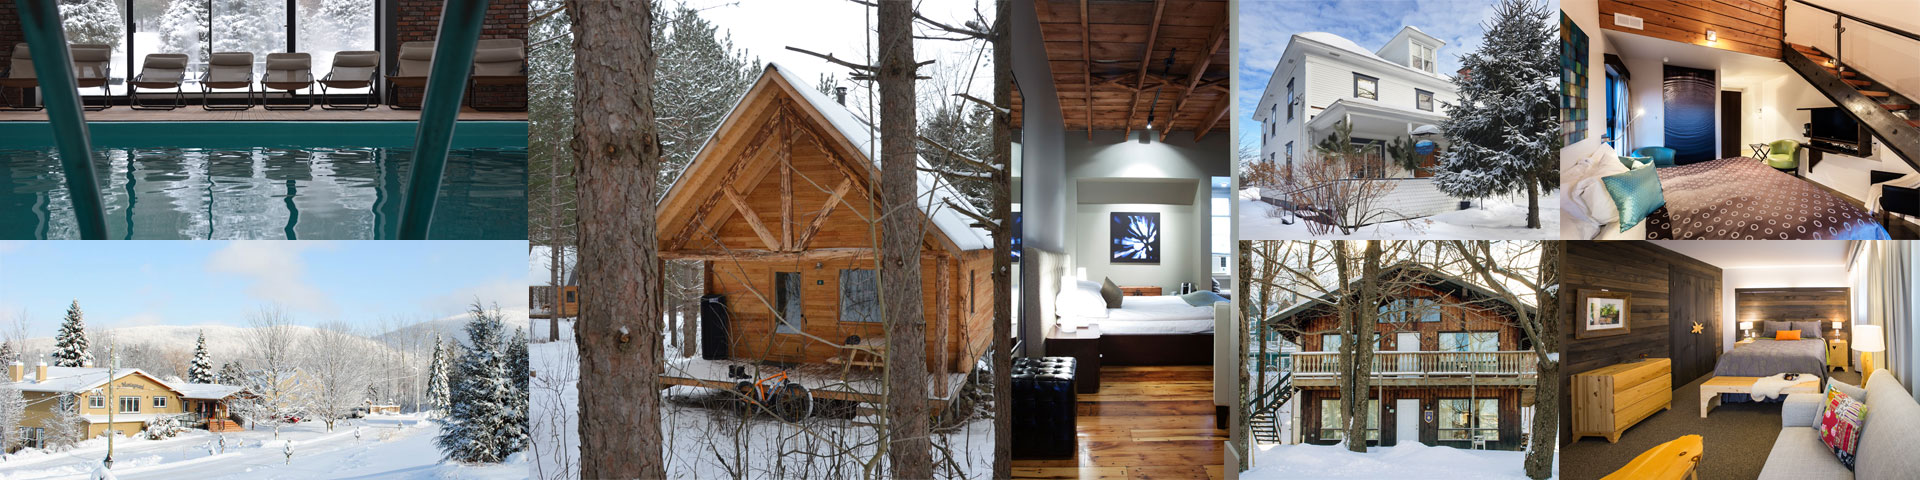 Tourisme Sutton : Où dormir à Sutton en hiver